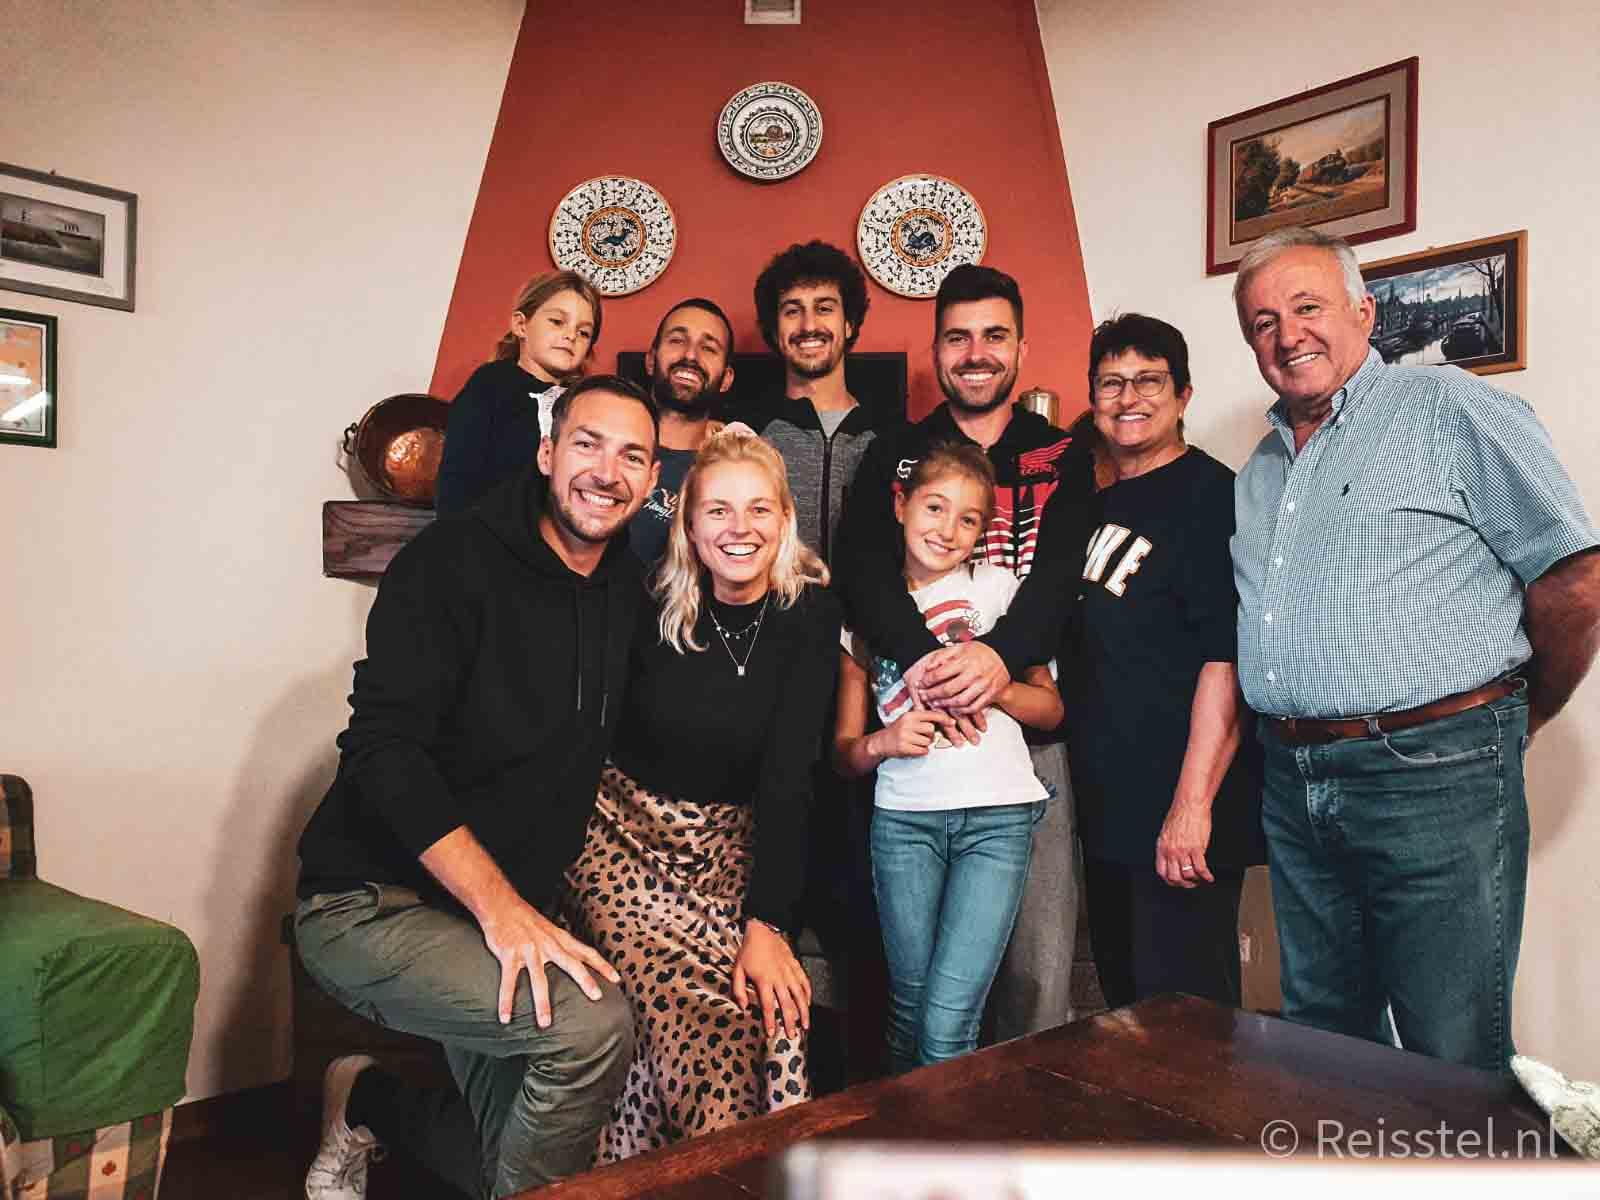 Reisstel.nl | hoogtepunt reizen in Italië | gastvrijheid Italiaans gezin